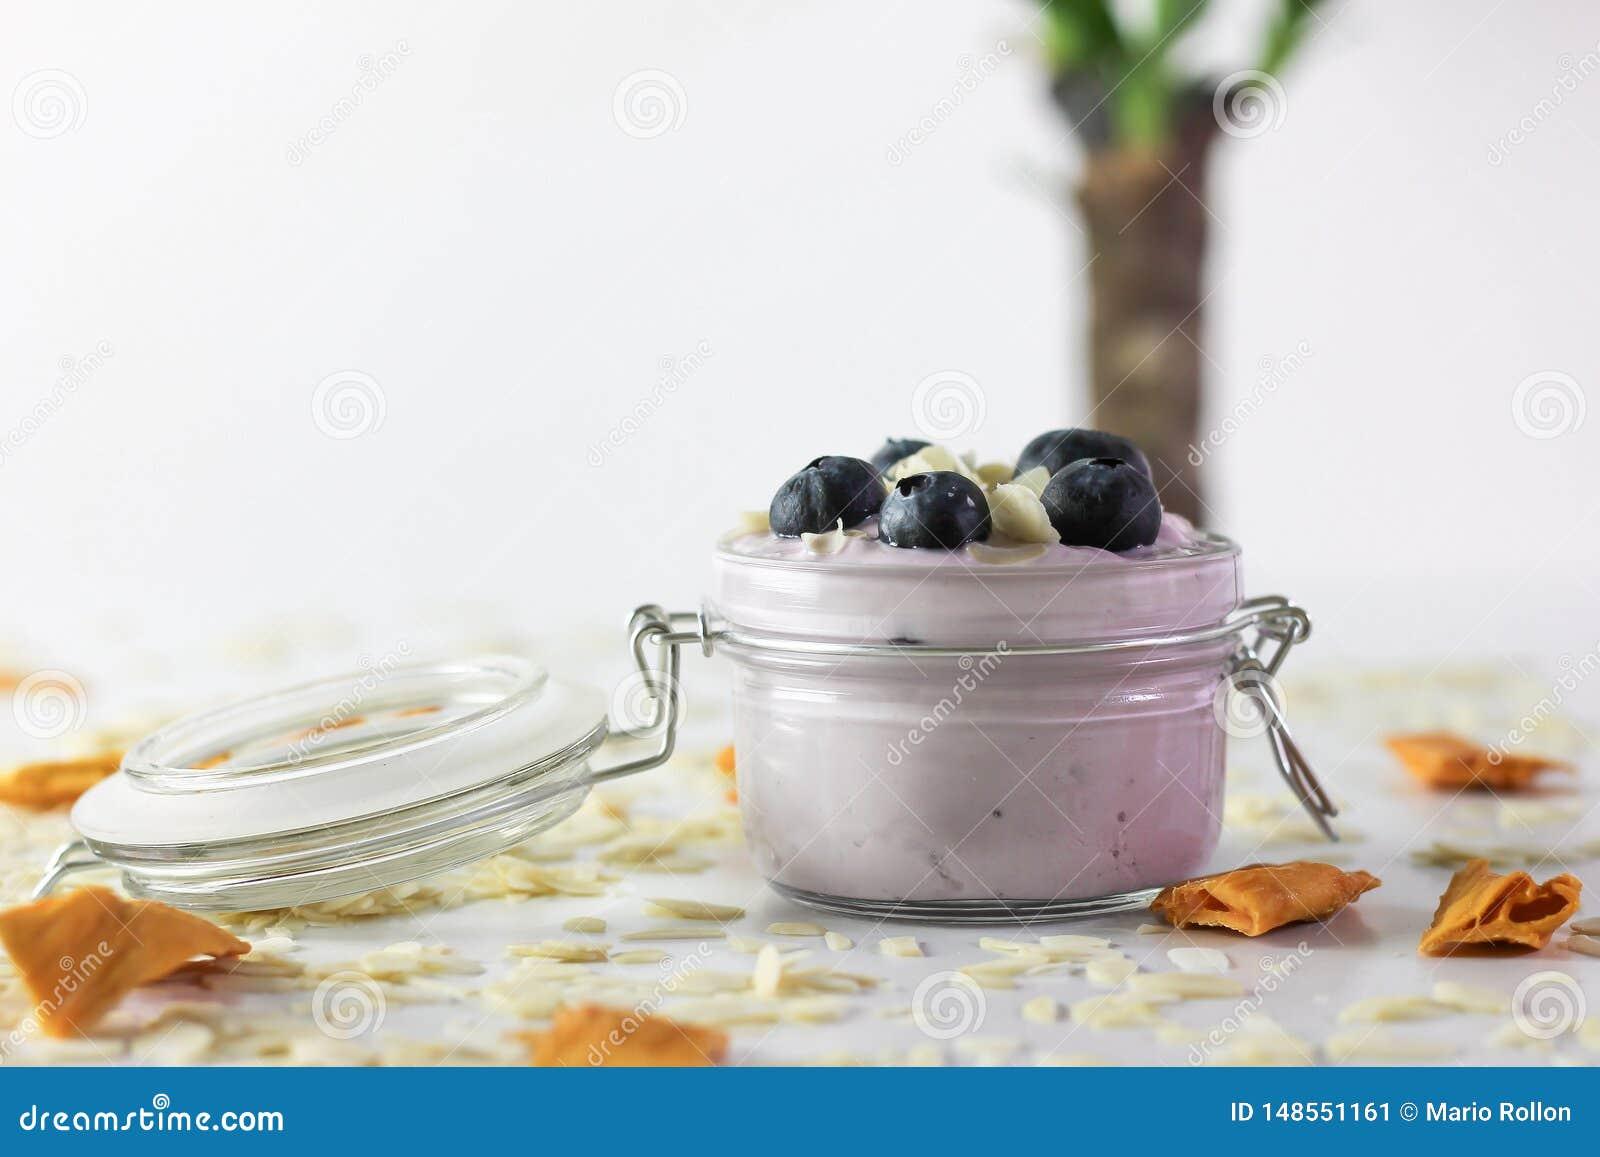 Foto del yogurt di mirtillo con le mandorle ed il mango secco, con il tronco brasiliano nei precedenti unfocused